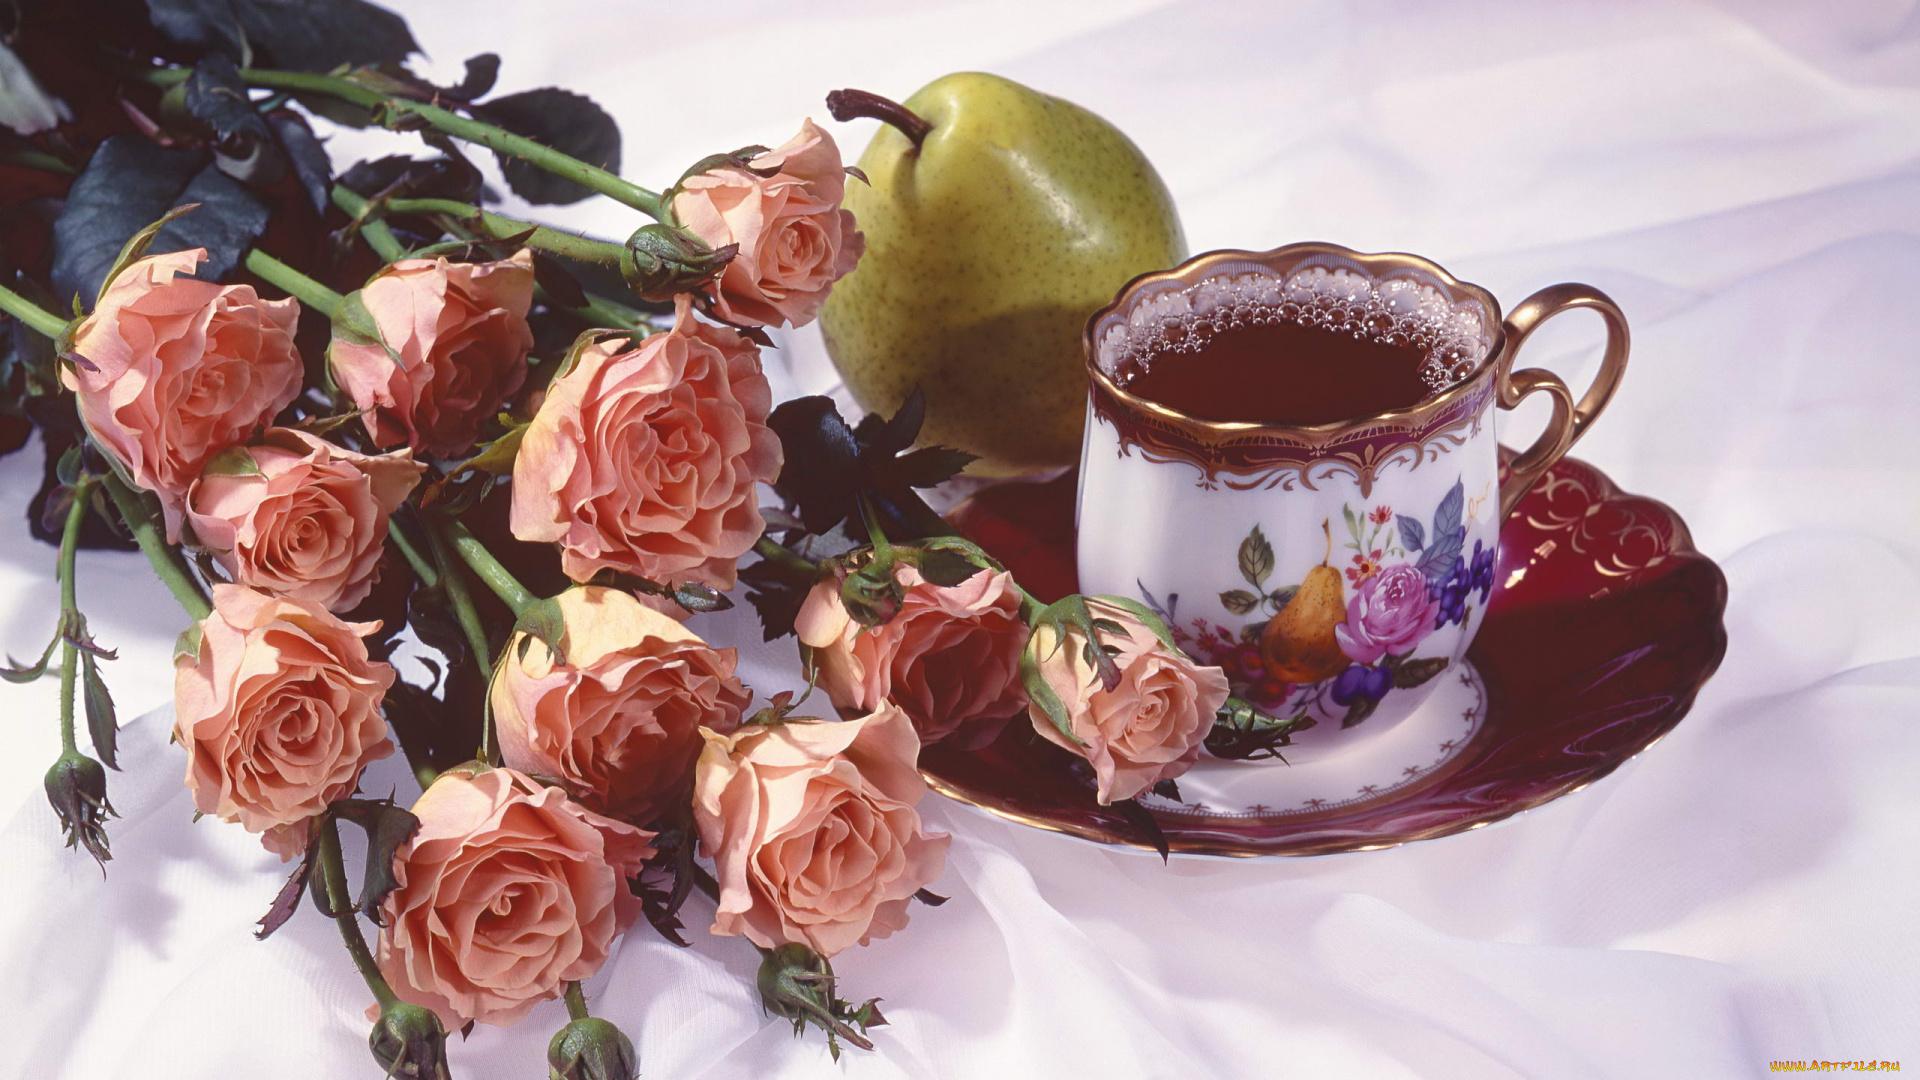 Доброе утро букет роз открытка, картинки гирь доброе